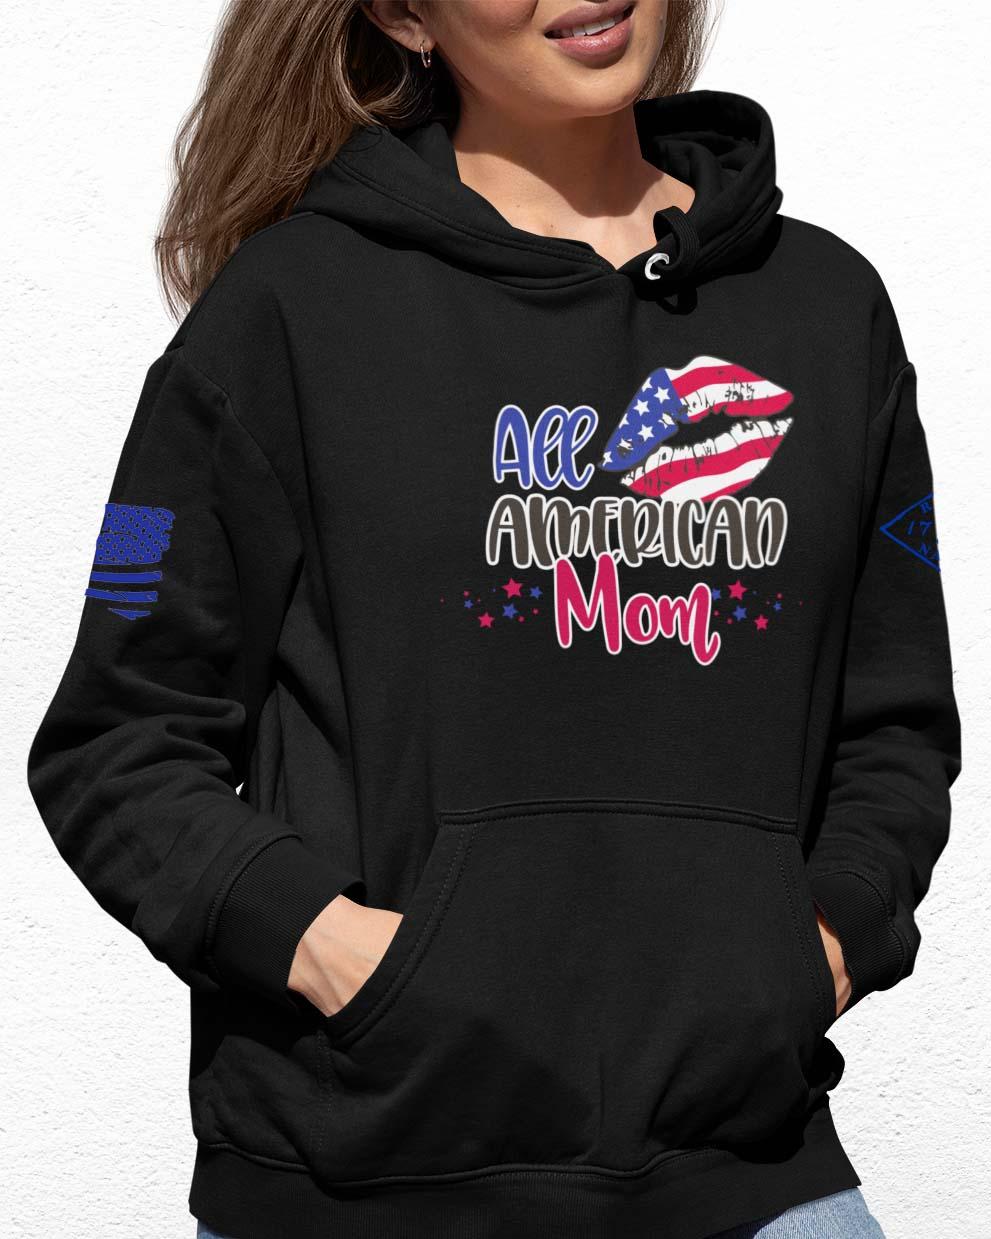 All American Mom on Black Hoodie